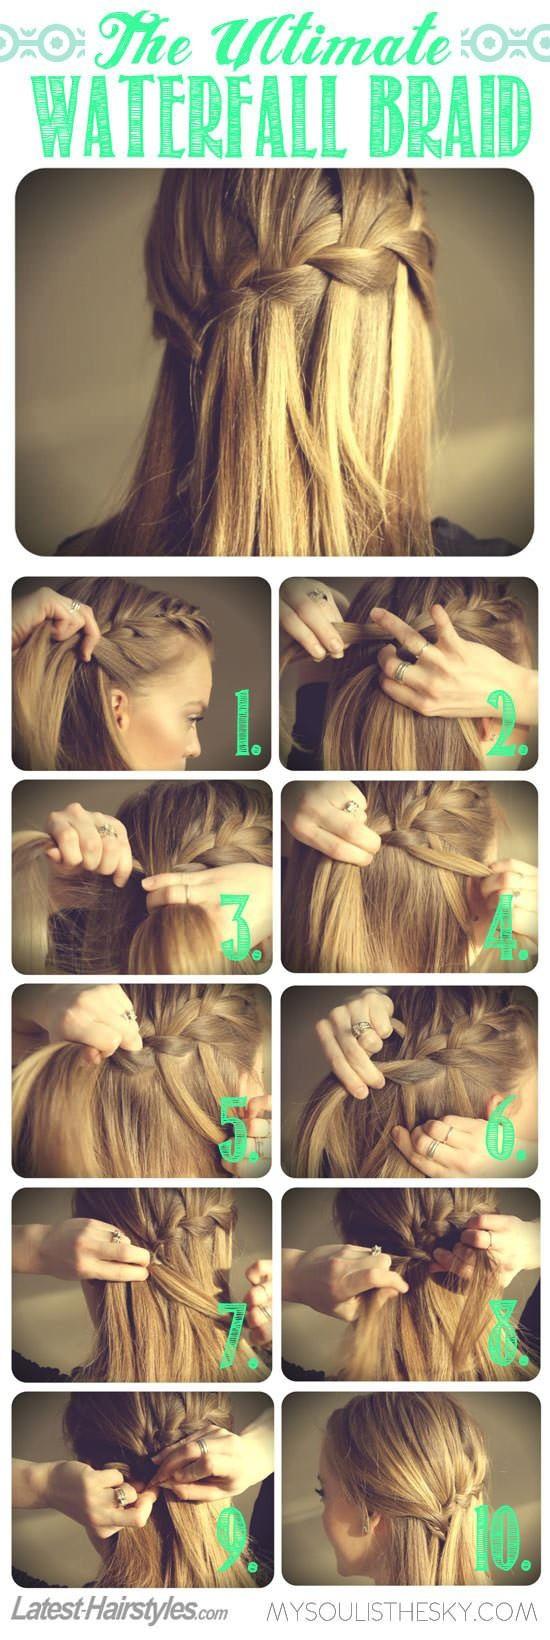 idebegir-hair (3)